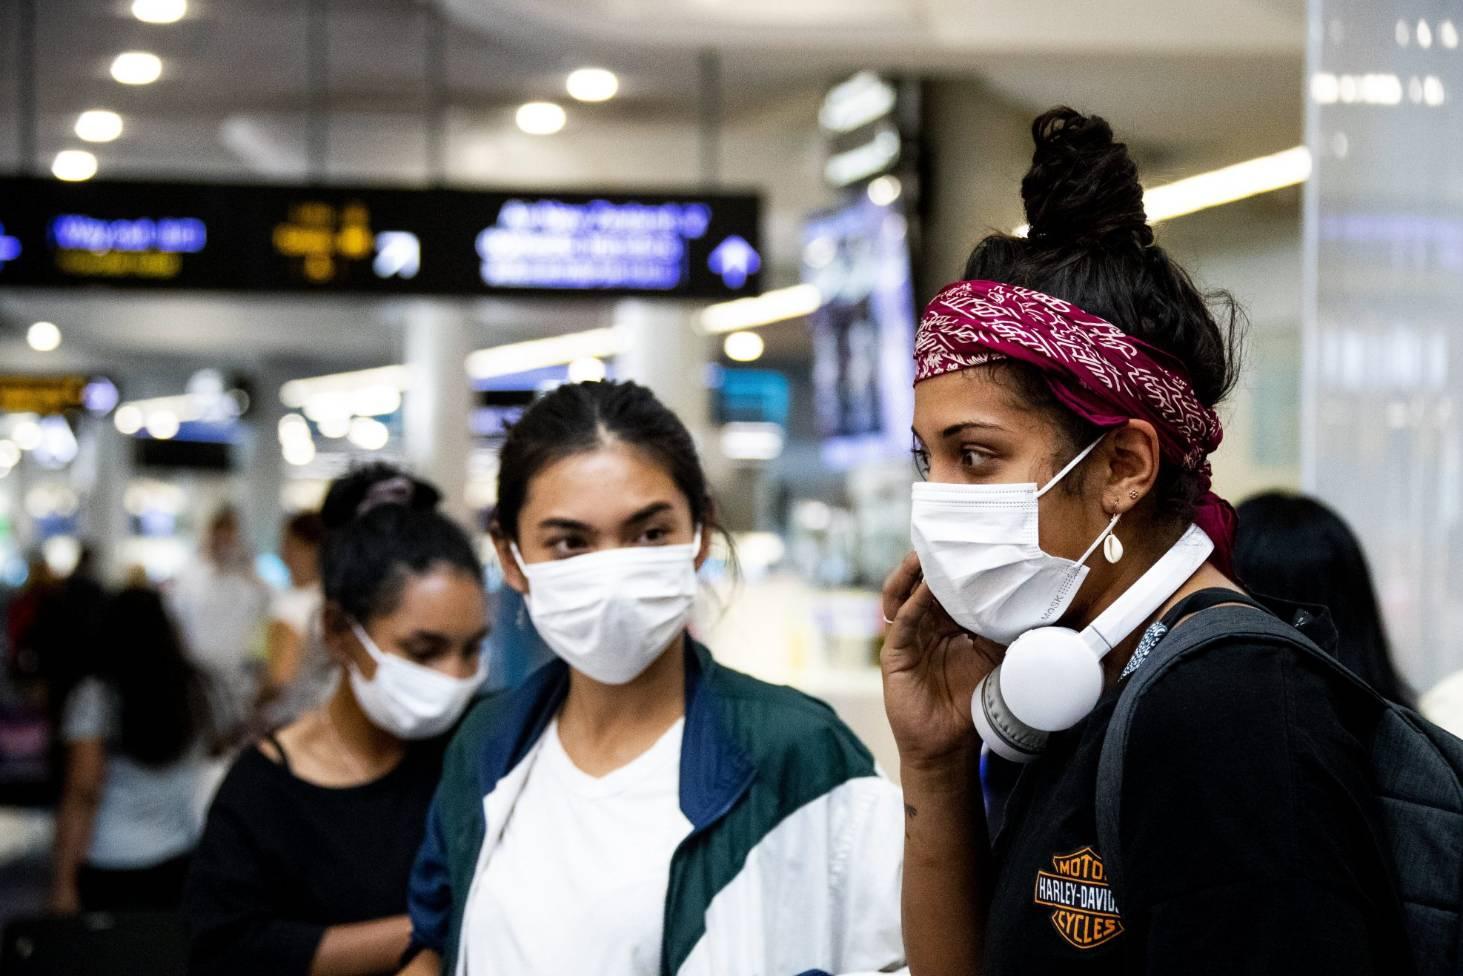 En el país hubo solo 1100 casos de coronavirus y 21 muertos hasta ahora.